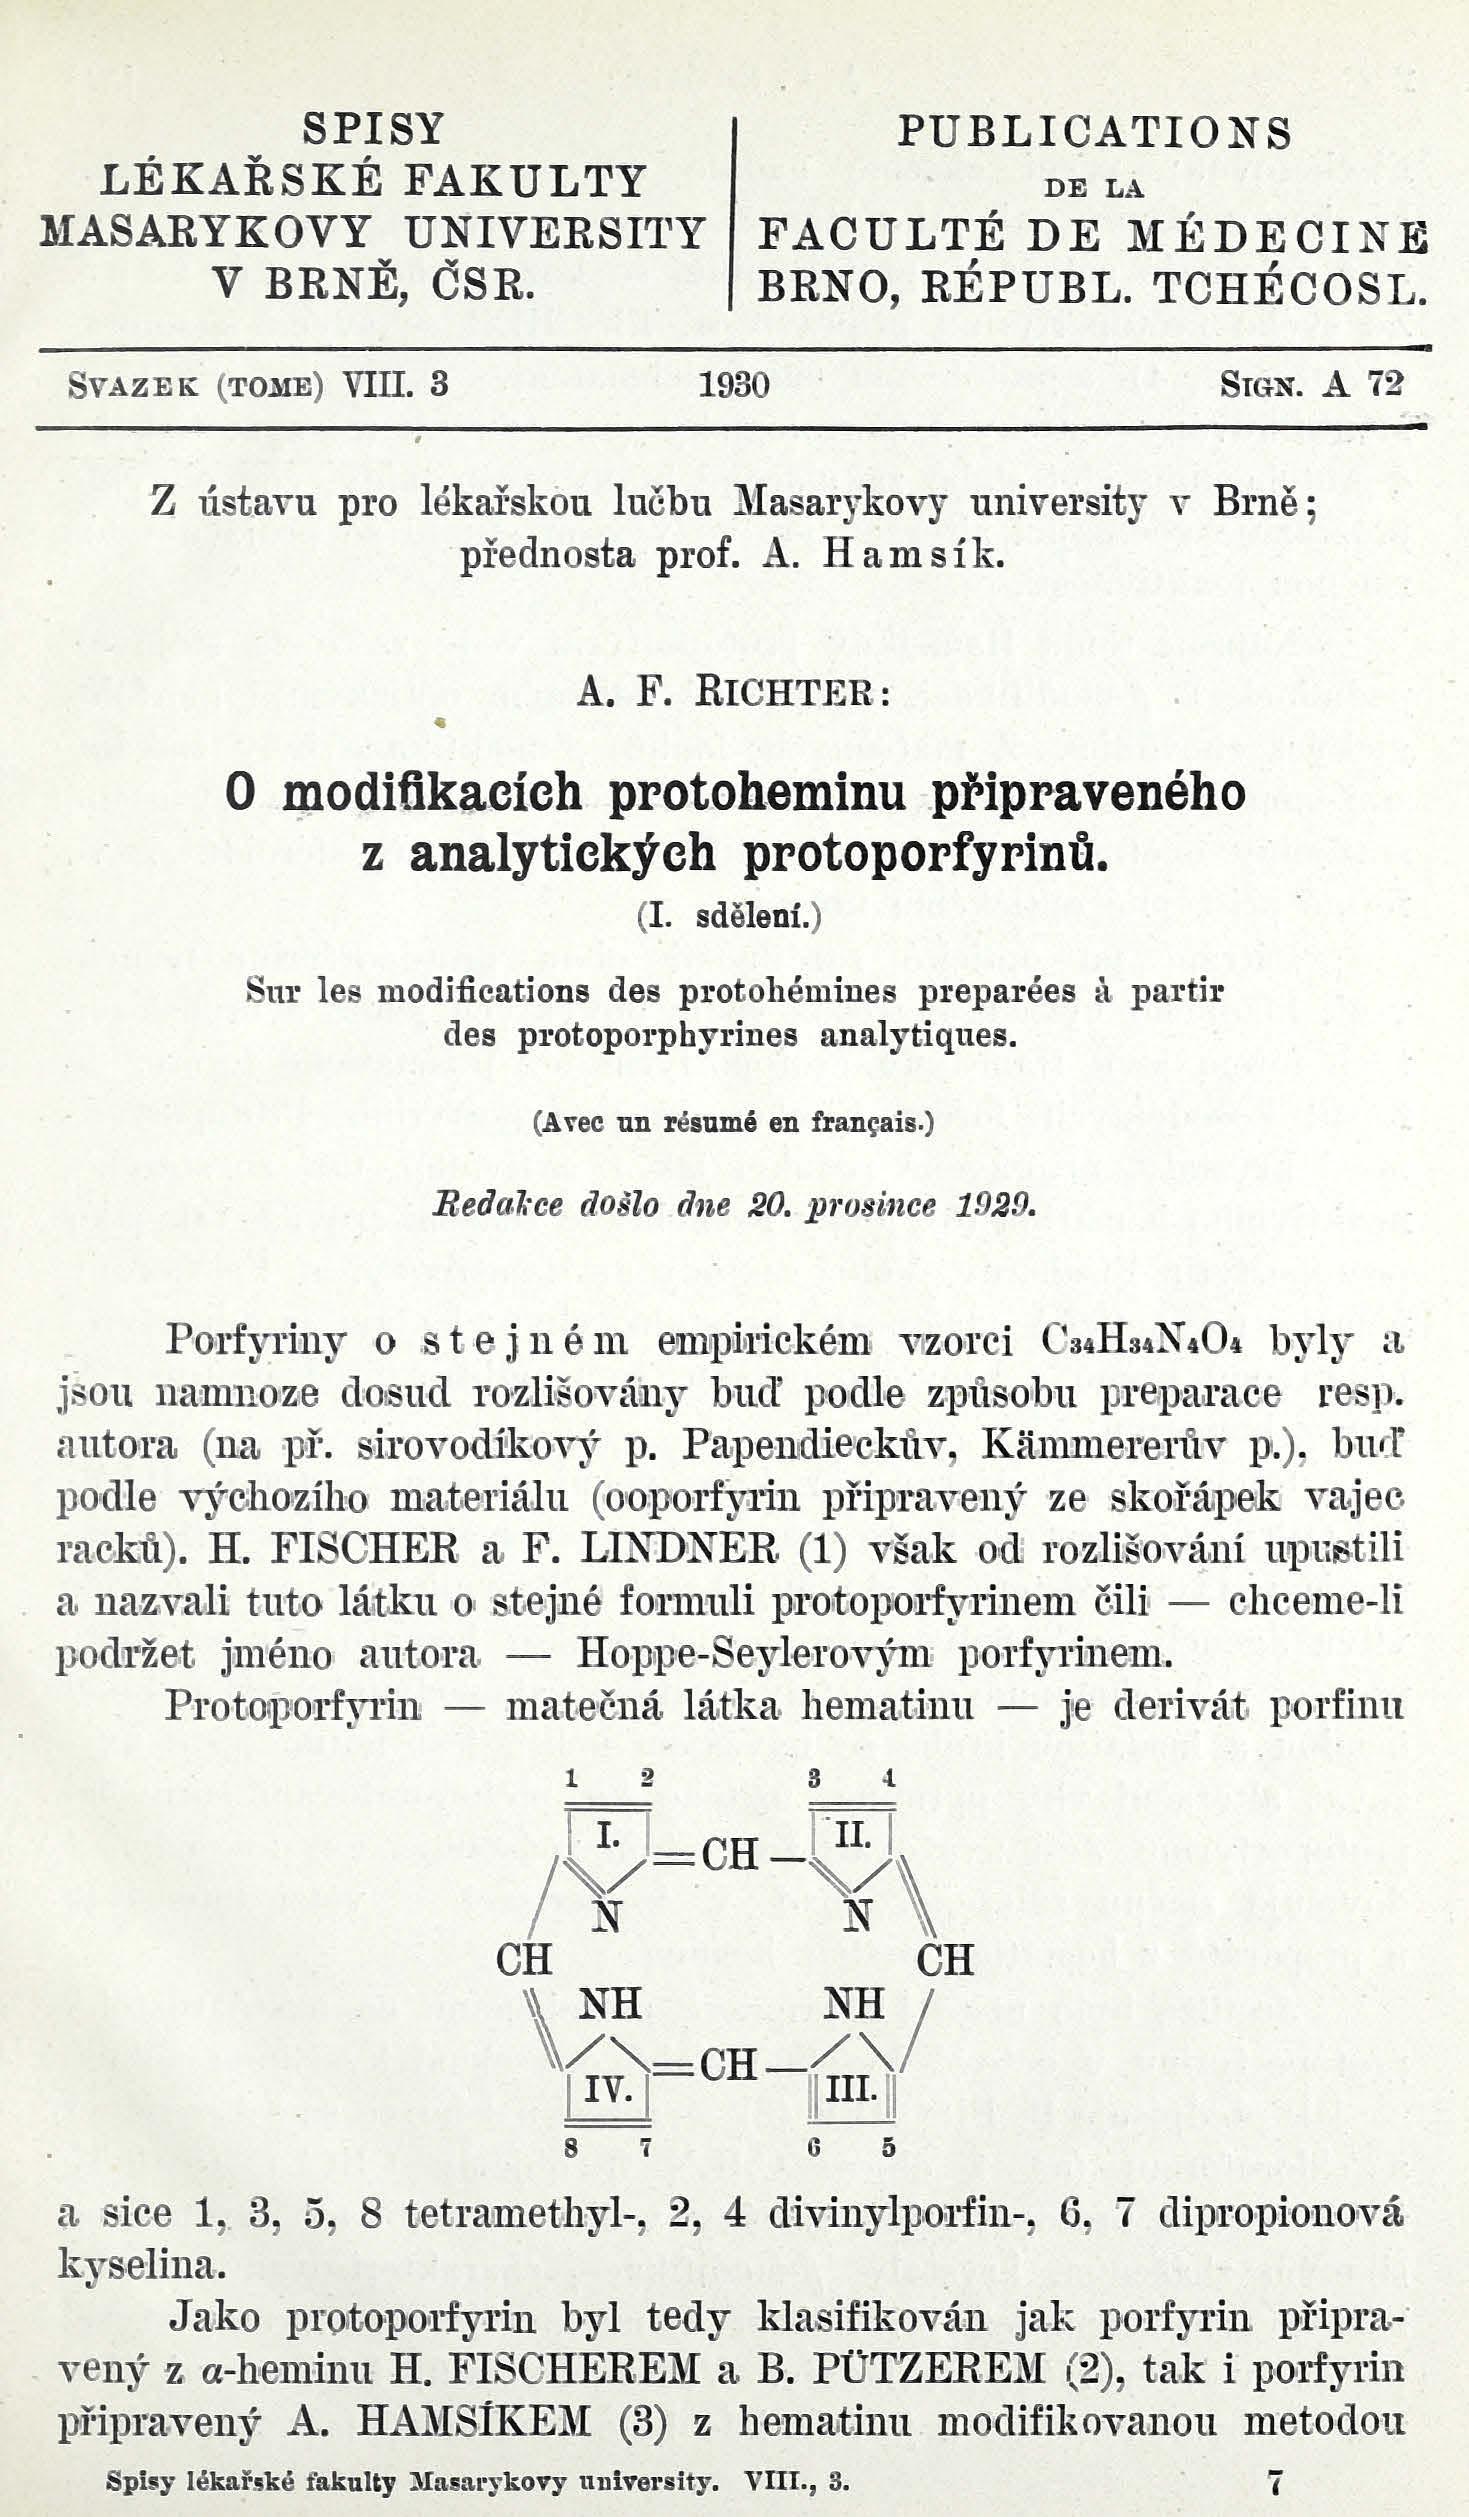 Obálka pro O modifikacích protoheminu připraveného z analytických protoporfyrinů : (I. sdělení) / Sur les modifications des protohémines préparées à partir des protoporphyrines analytiques